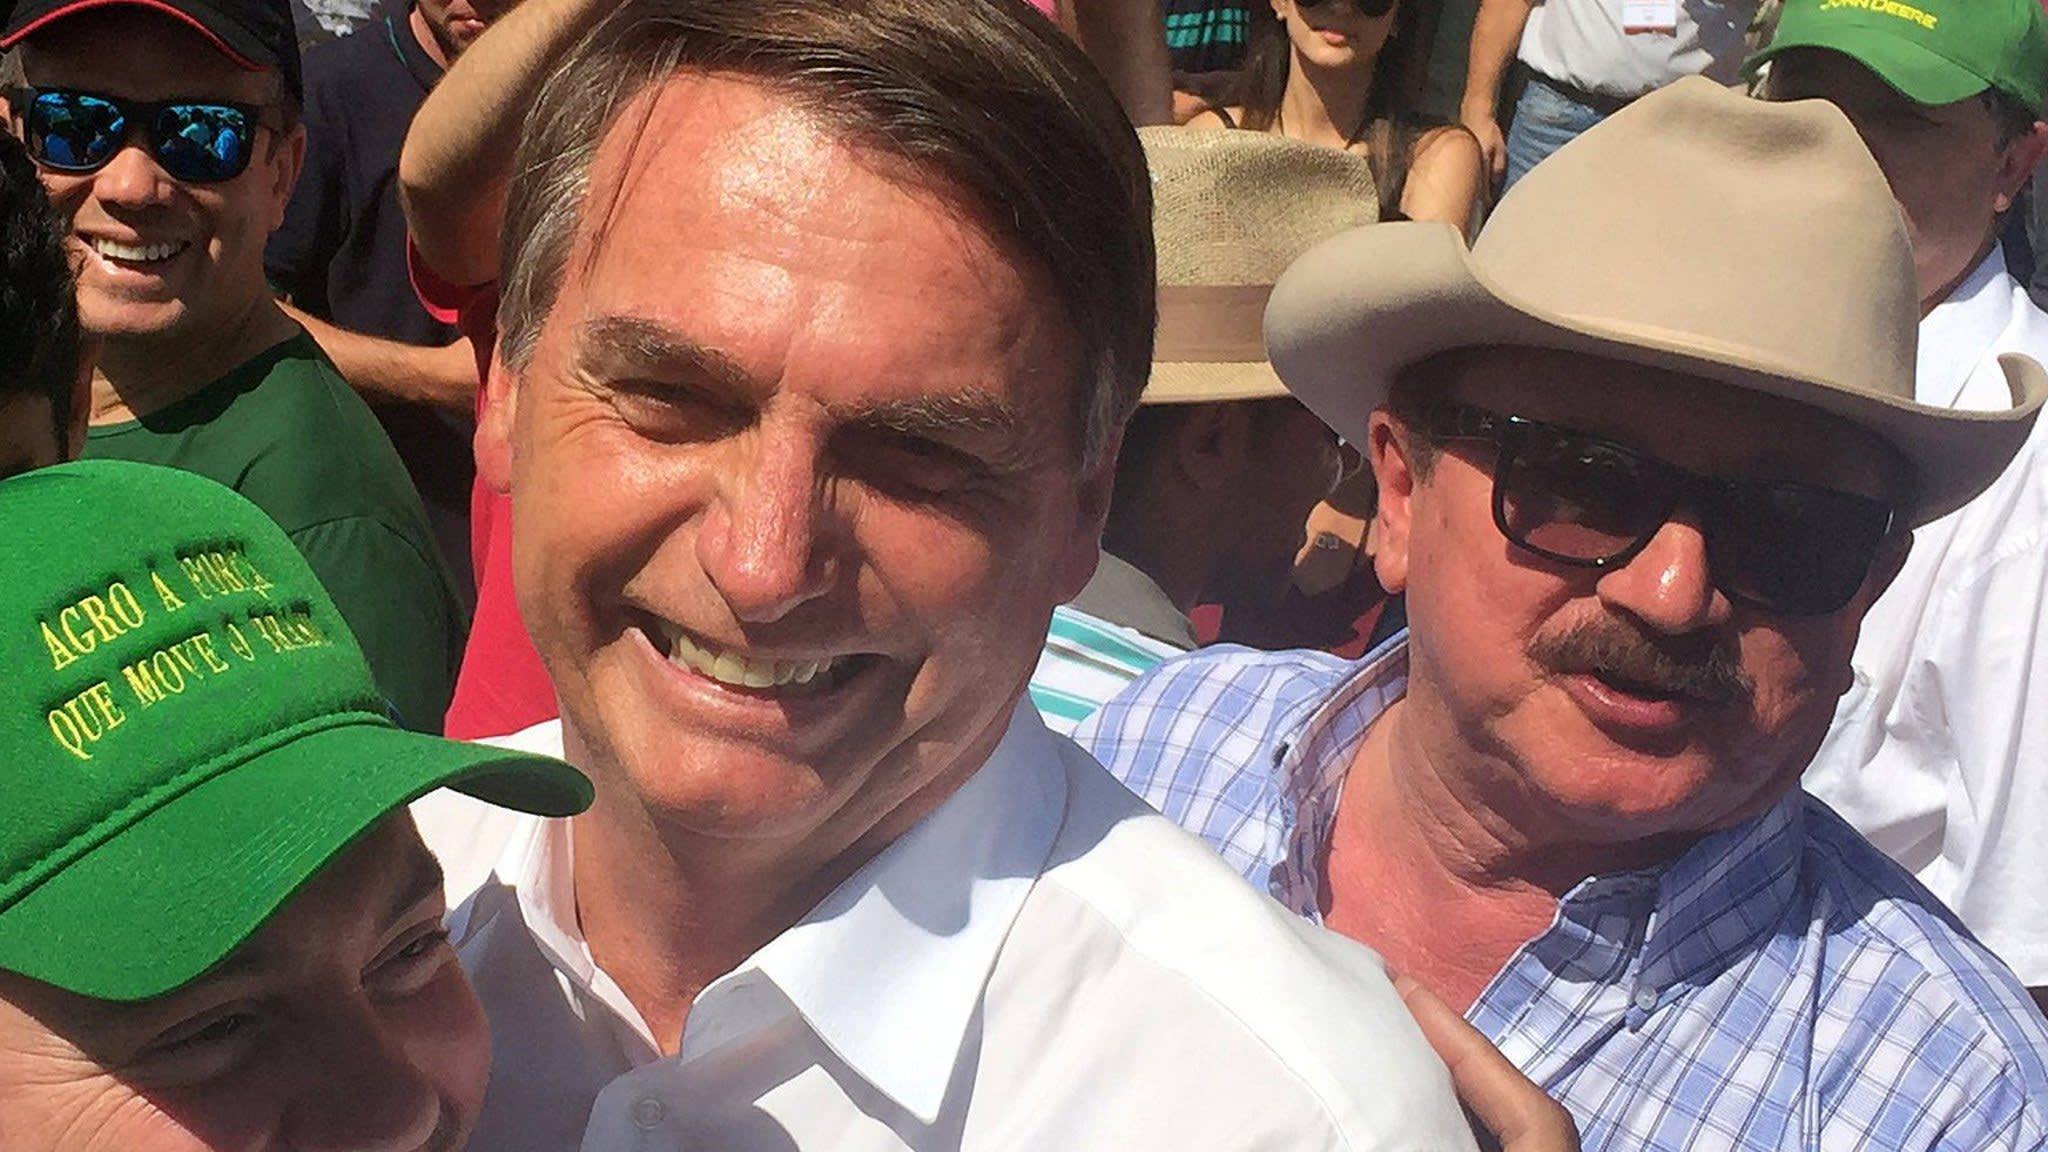 Brazil electoral court to investigate pro-Bolsonaro WhatsApp campaign